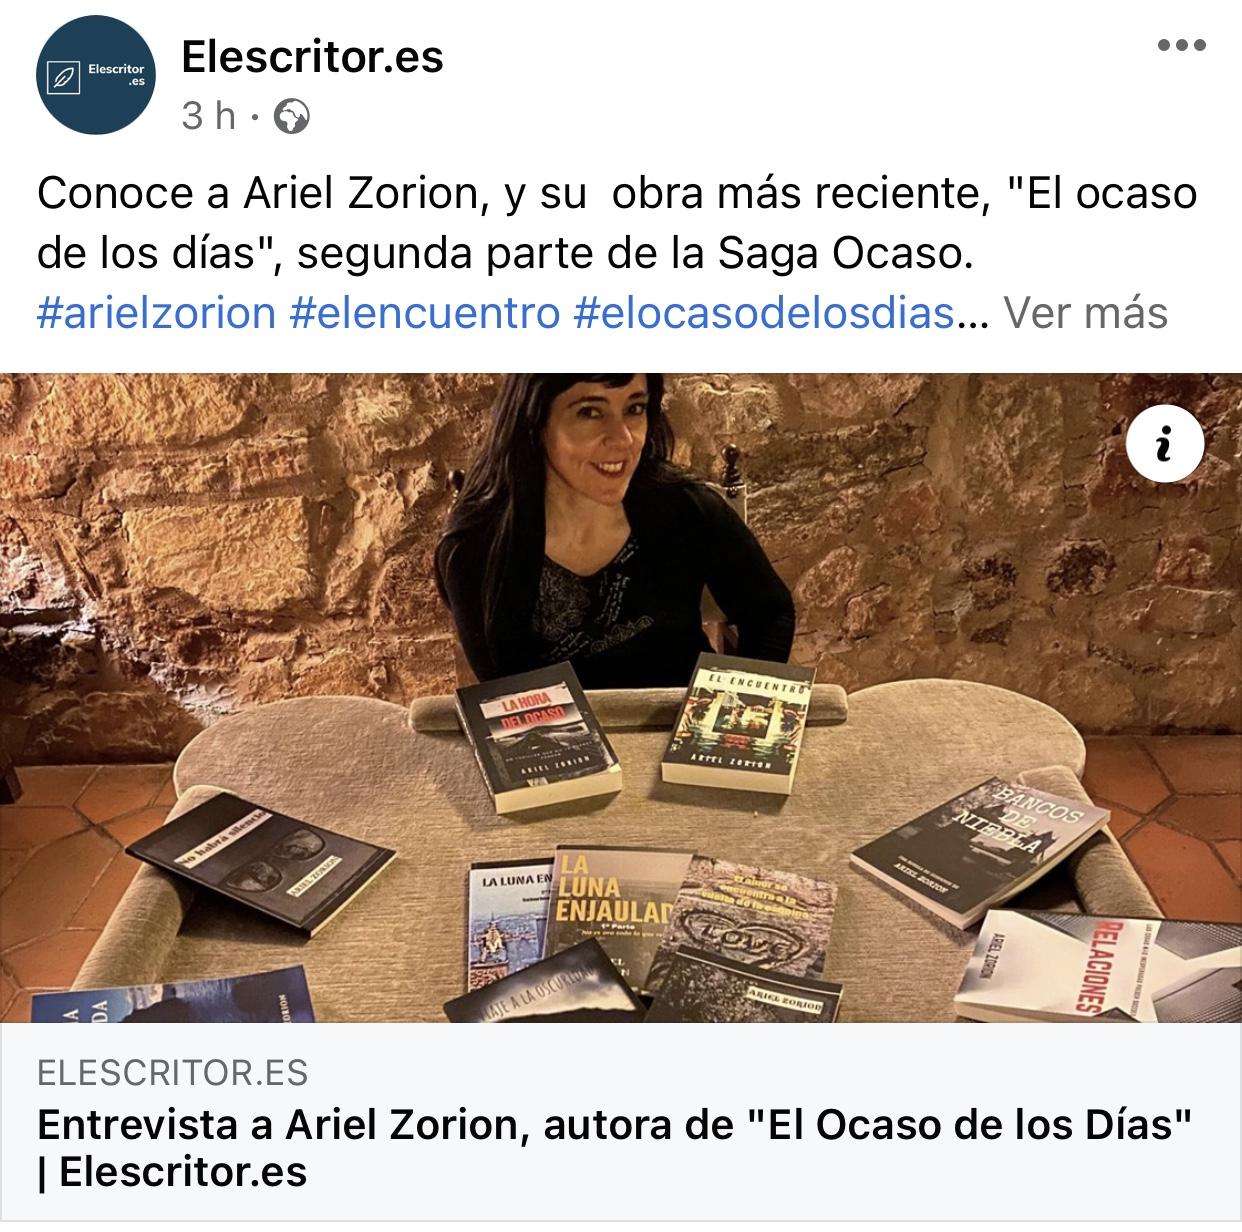 Entrevista en elescritor.es